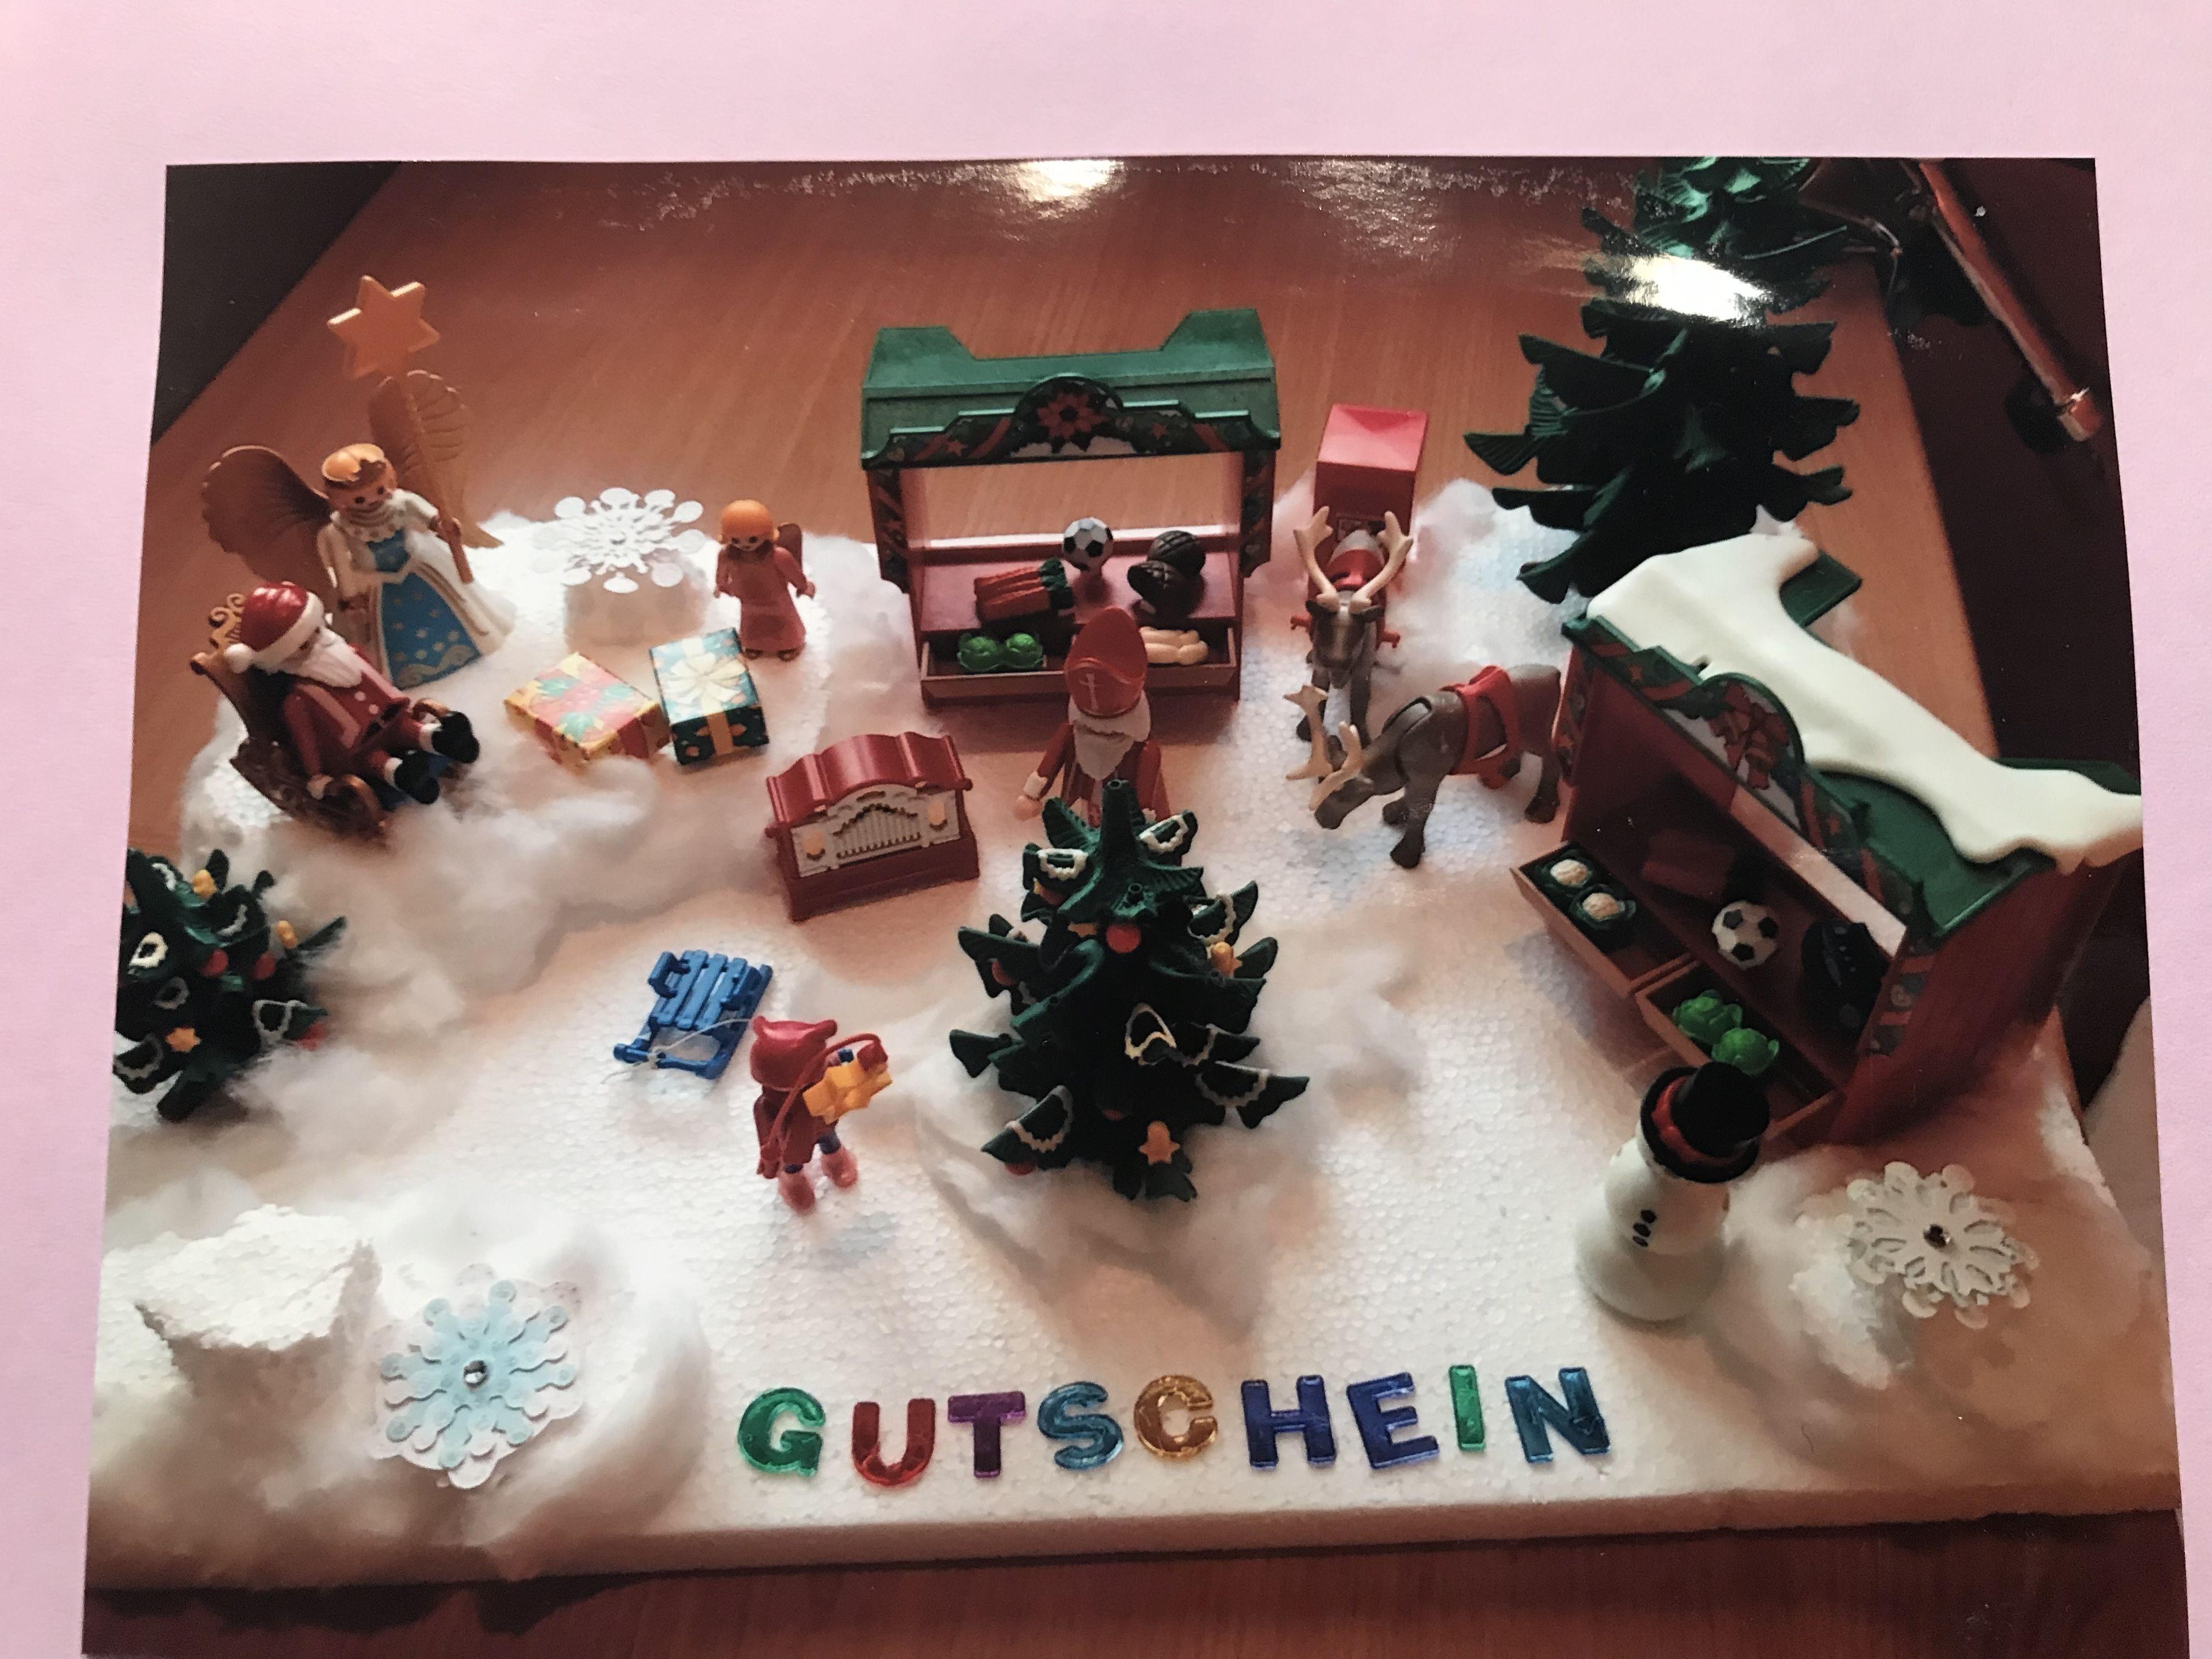 Besuch Auf Dem Weihnachtsmarkt.Gutschein Für Einen Besuch Auf Dem Weihnachtsmarkt Eigene